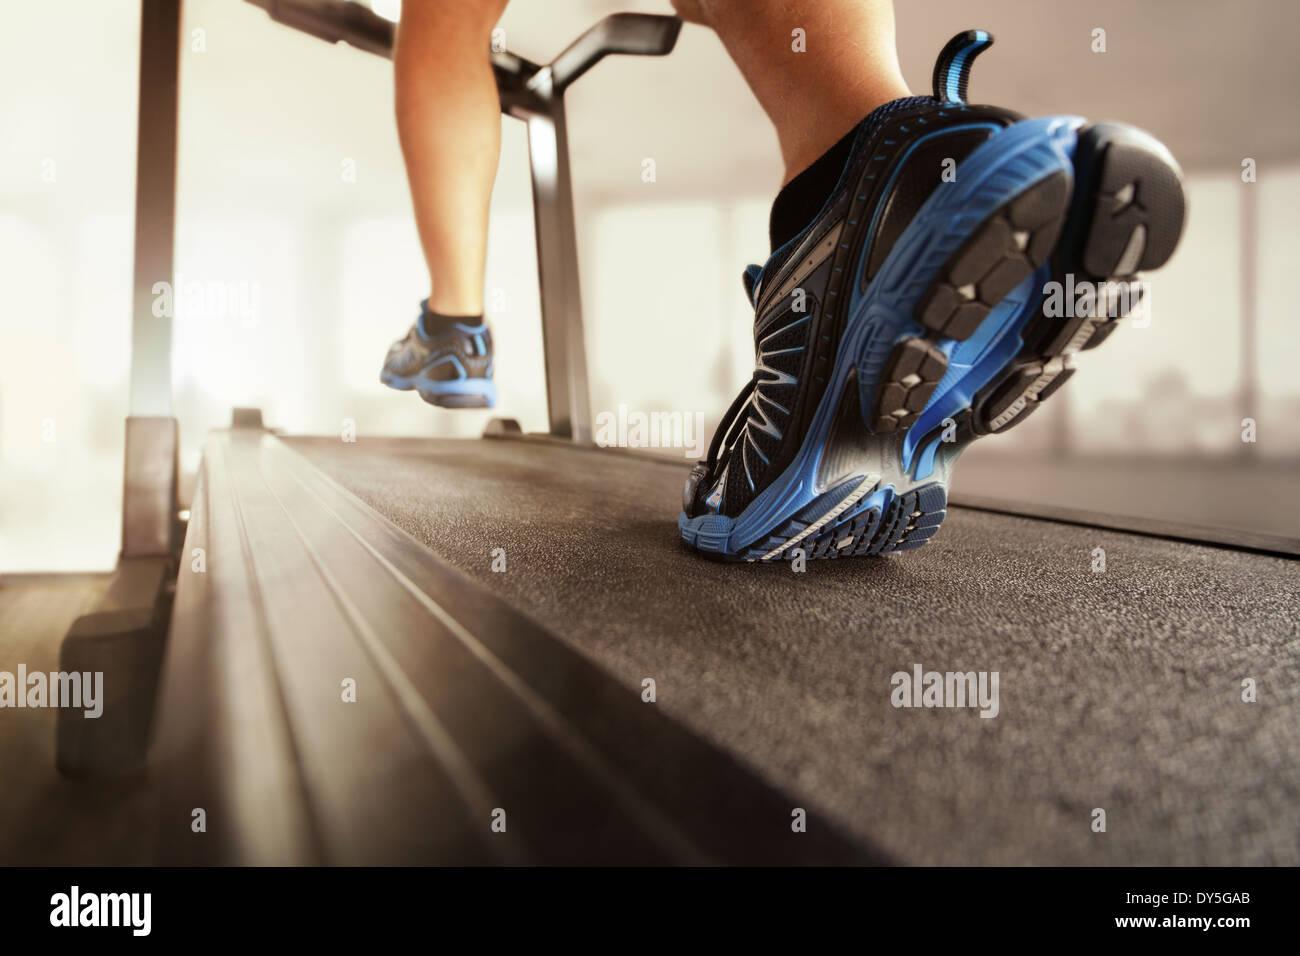 Running on a treadmill Stock Photo